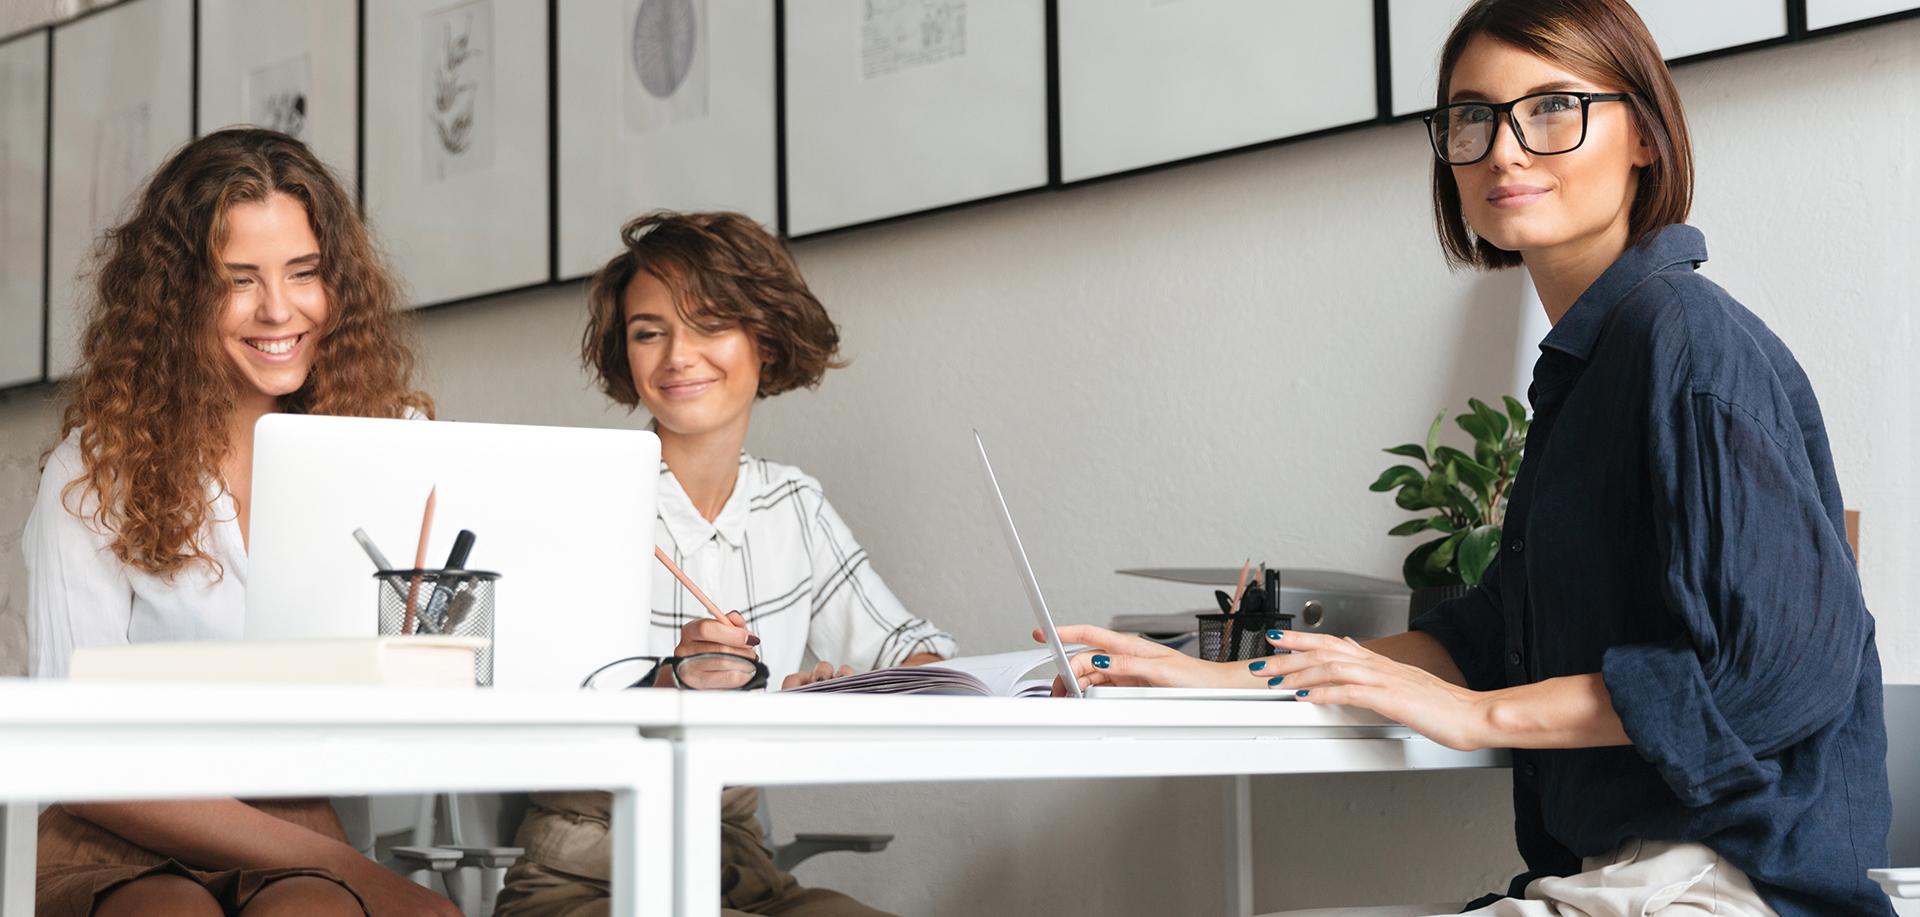 Você valoriza a educação na sua empresa?